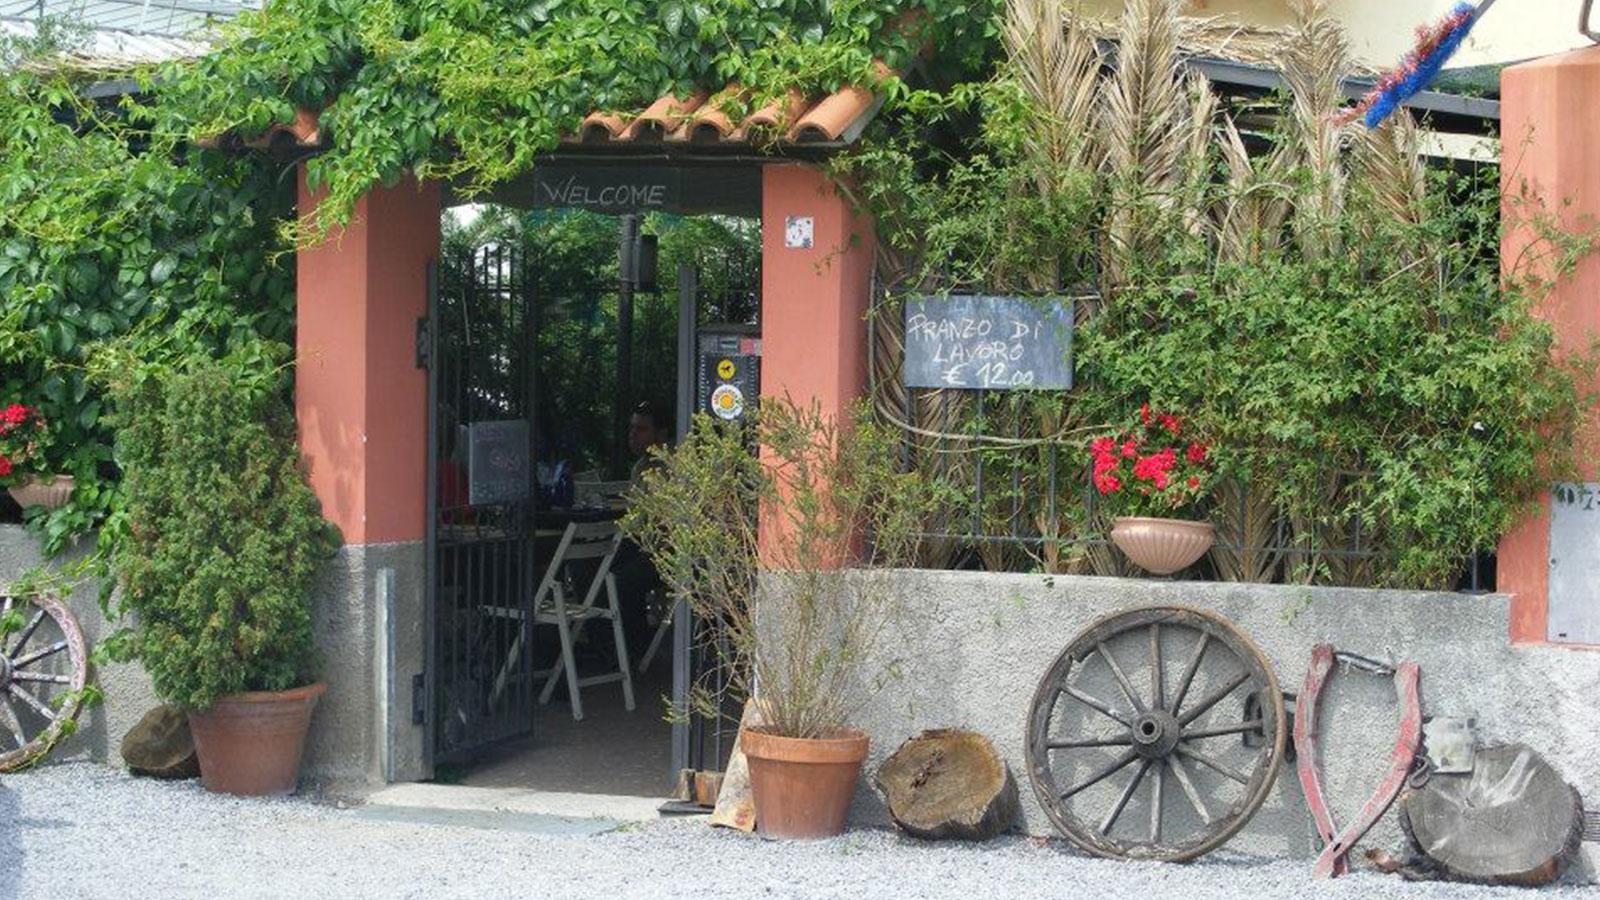 Vista dell'entrata di una trattoria con scritto Welcome e un cartello con scritto Pranzo di lavoro 12 euro